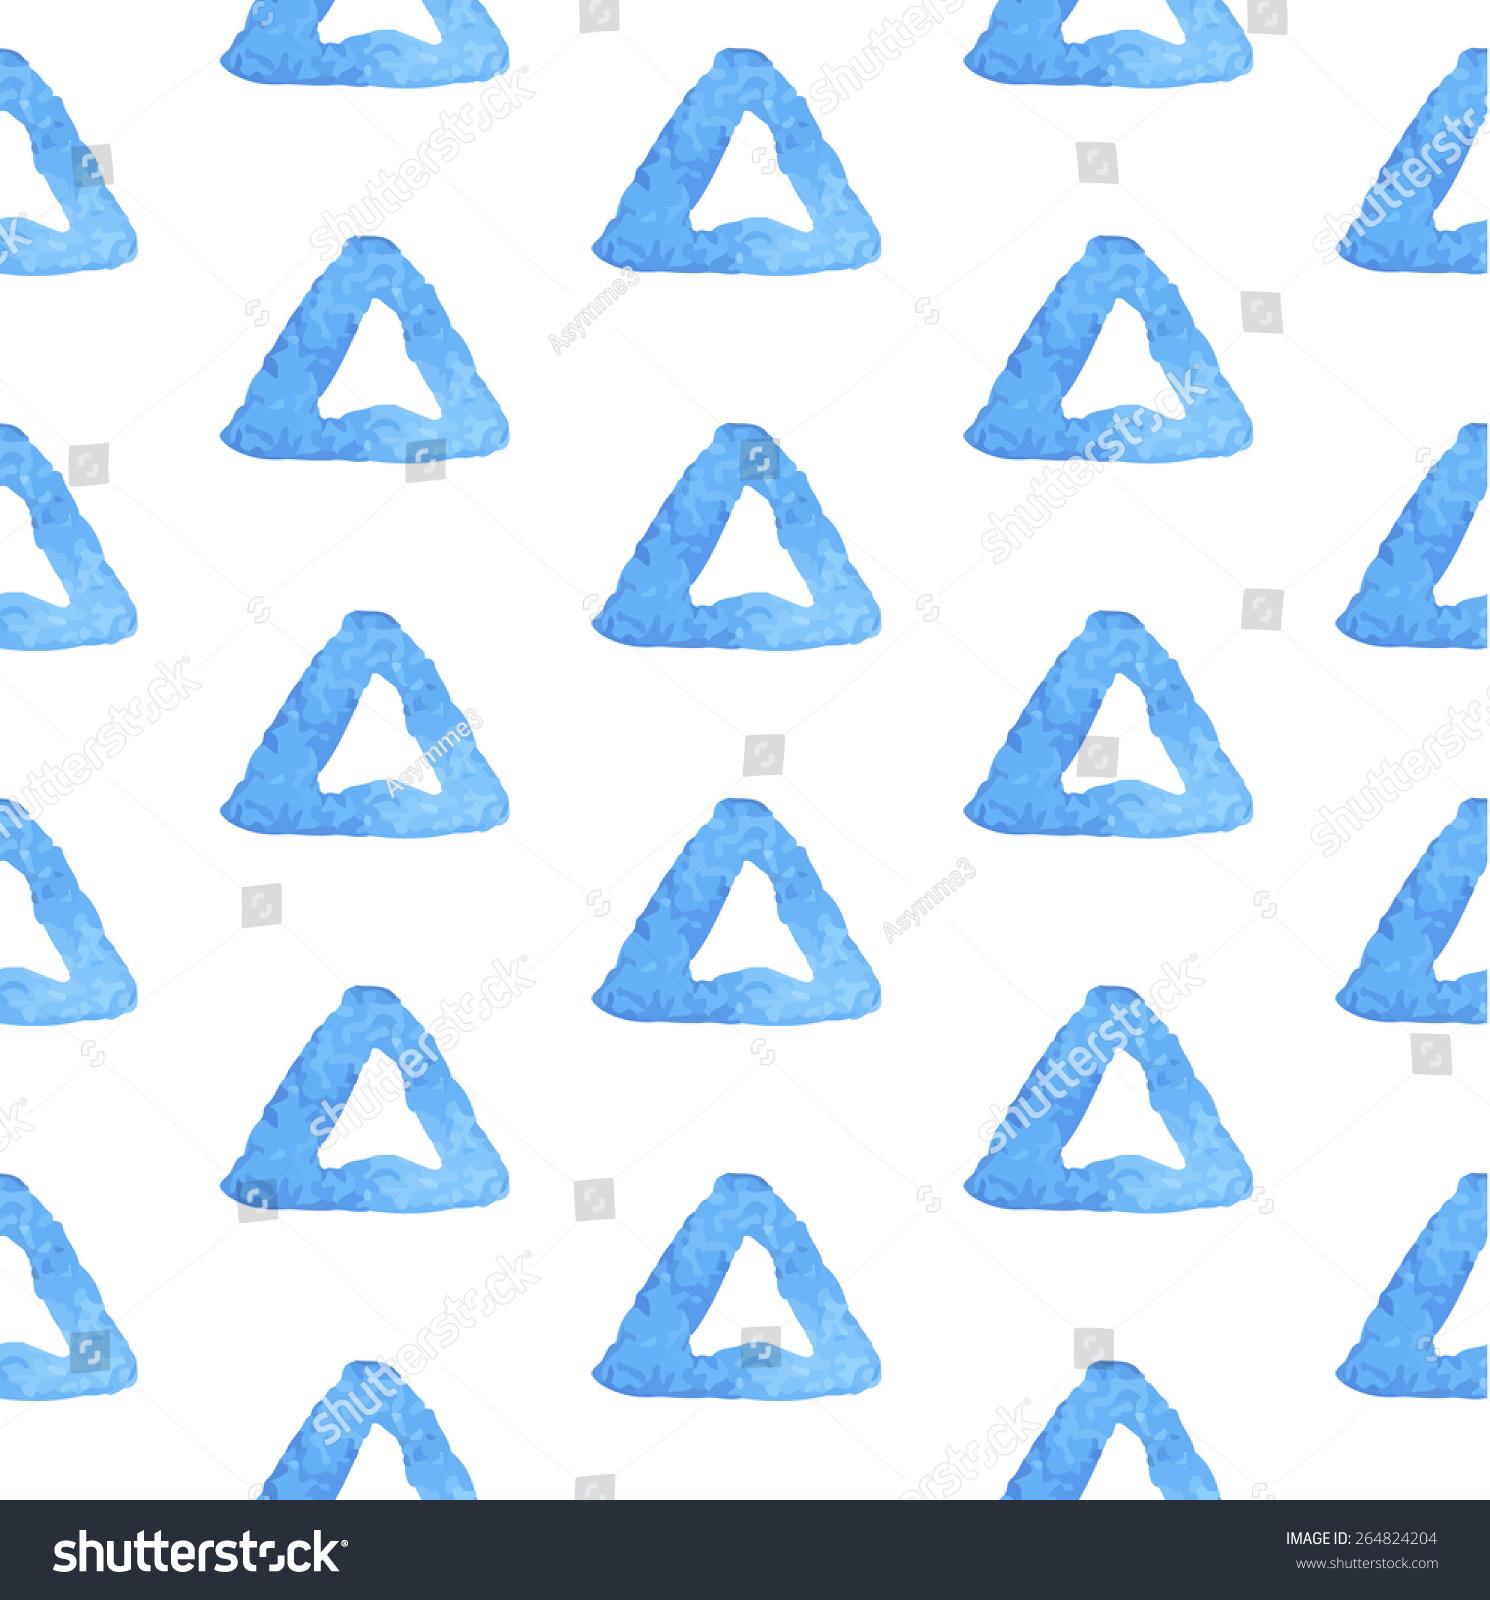 logo 标识 标志 设计 矢量 矢量图 素材 图标 1489_1600